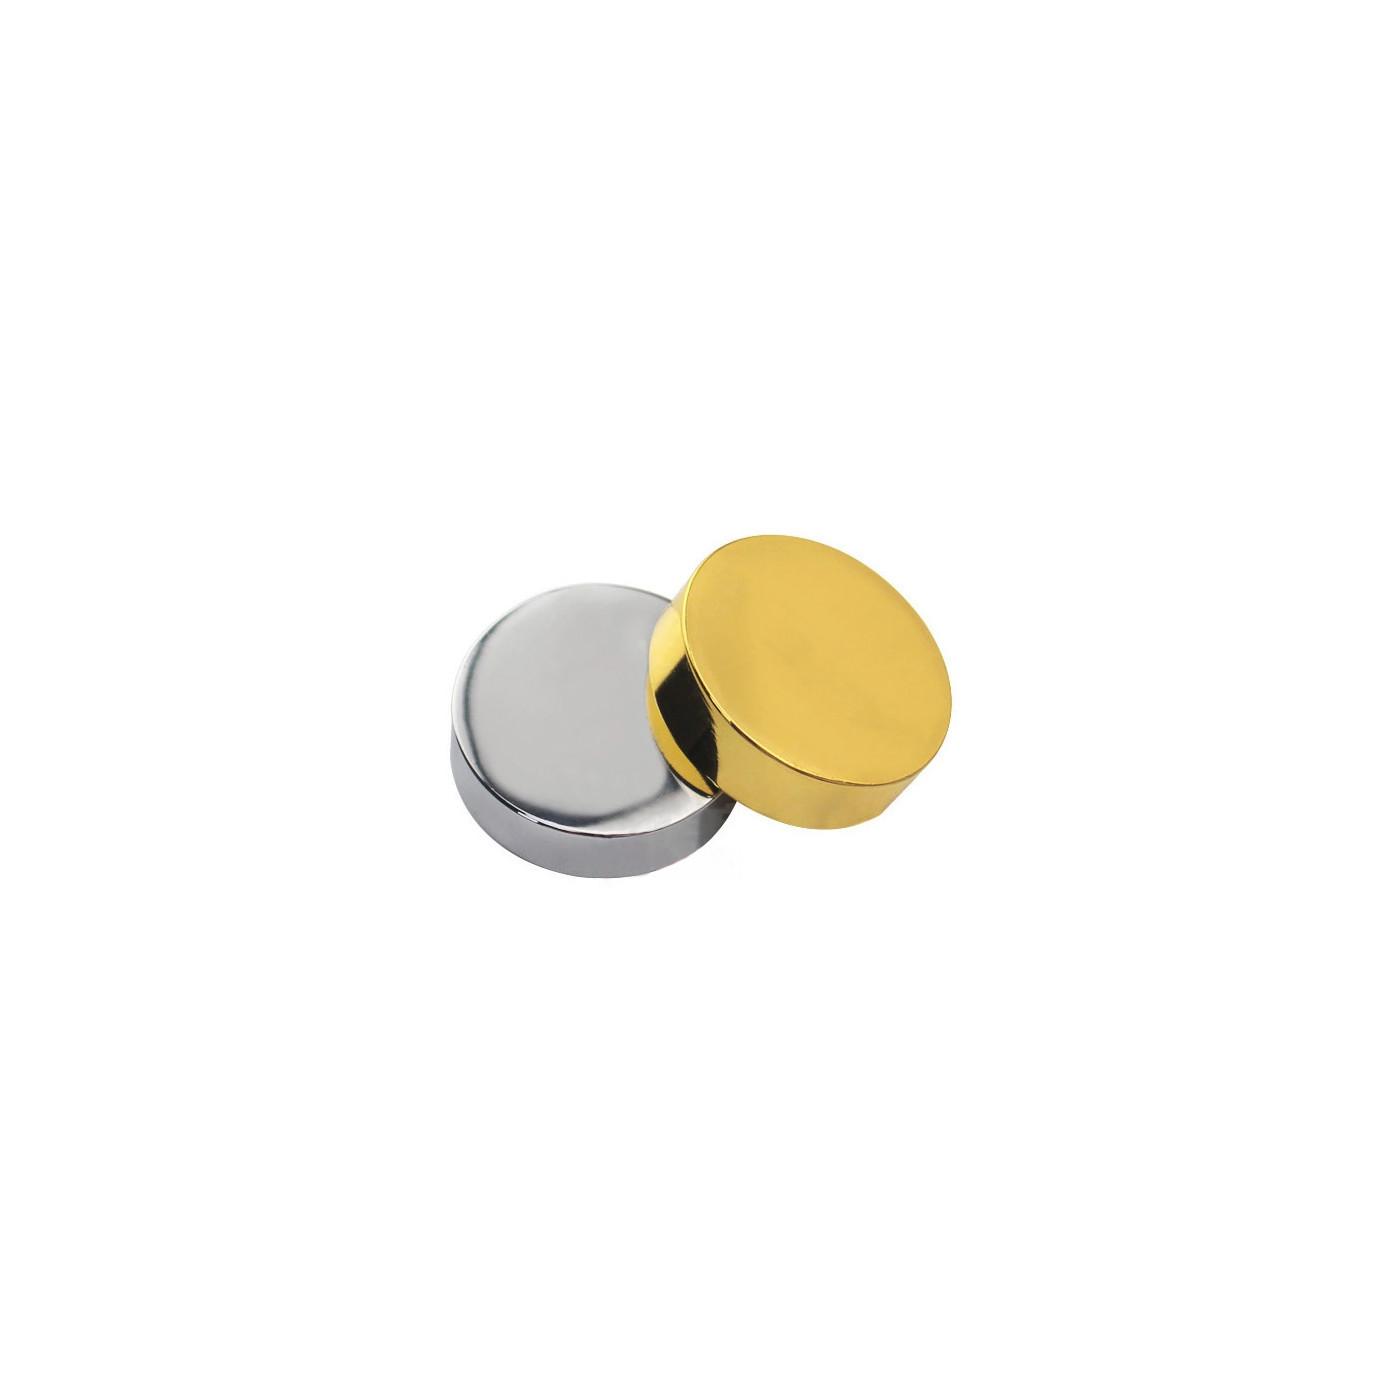 Set van 24 metalen afdekkapjes (afdekdopjes), zilver  - 1